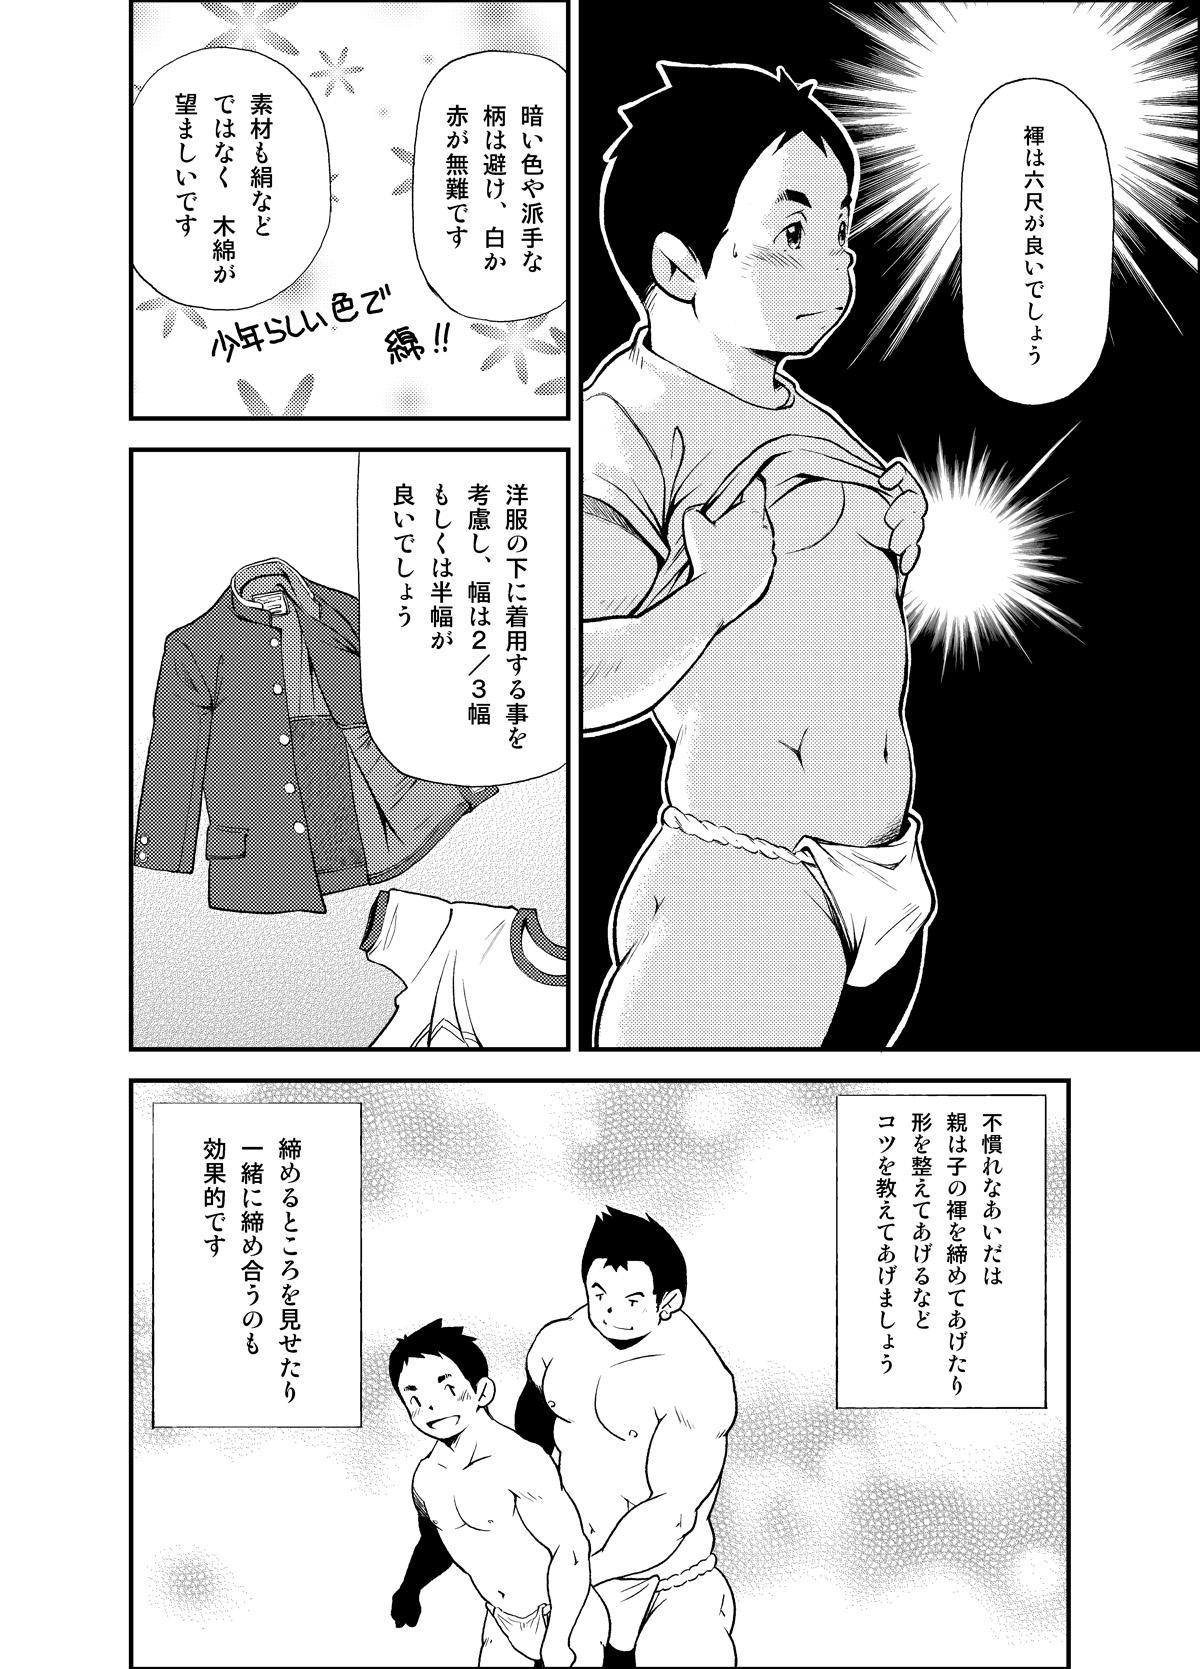 Tadashii Danshi no Kyouren Hou 11